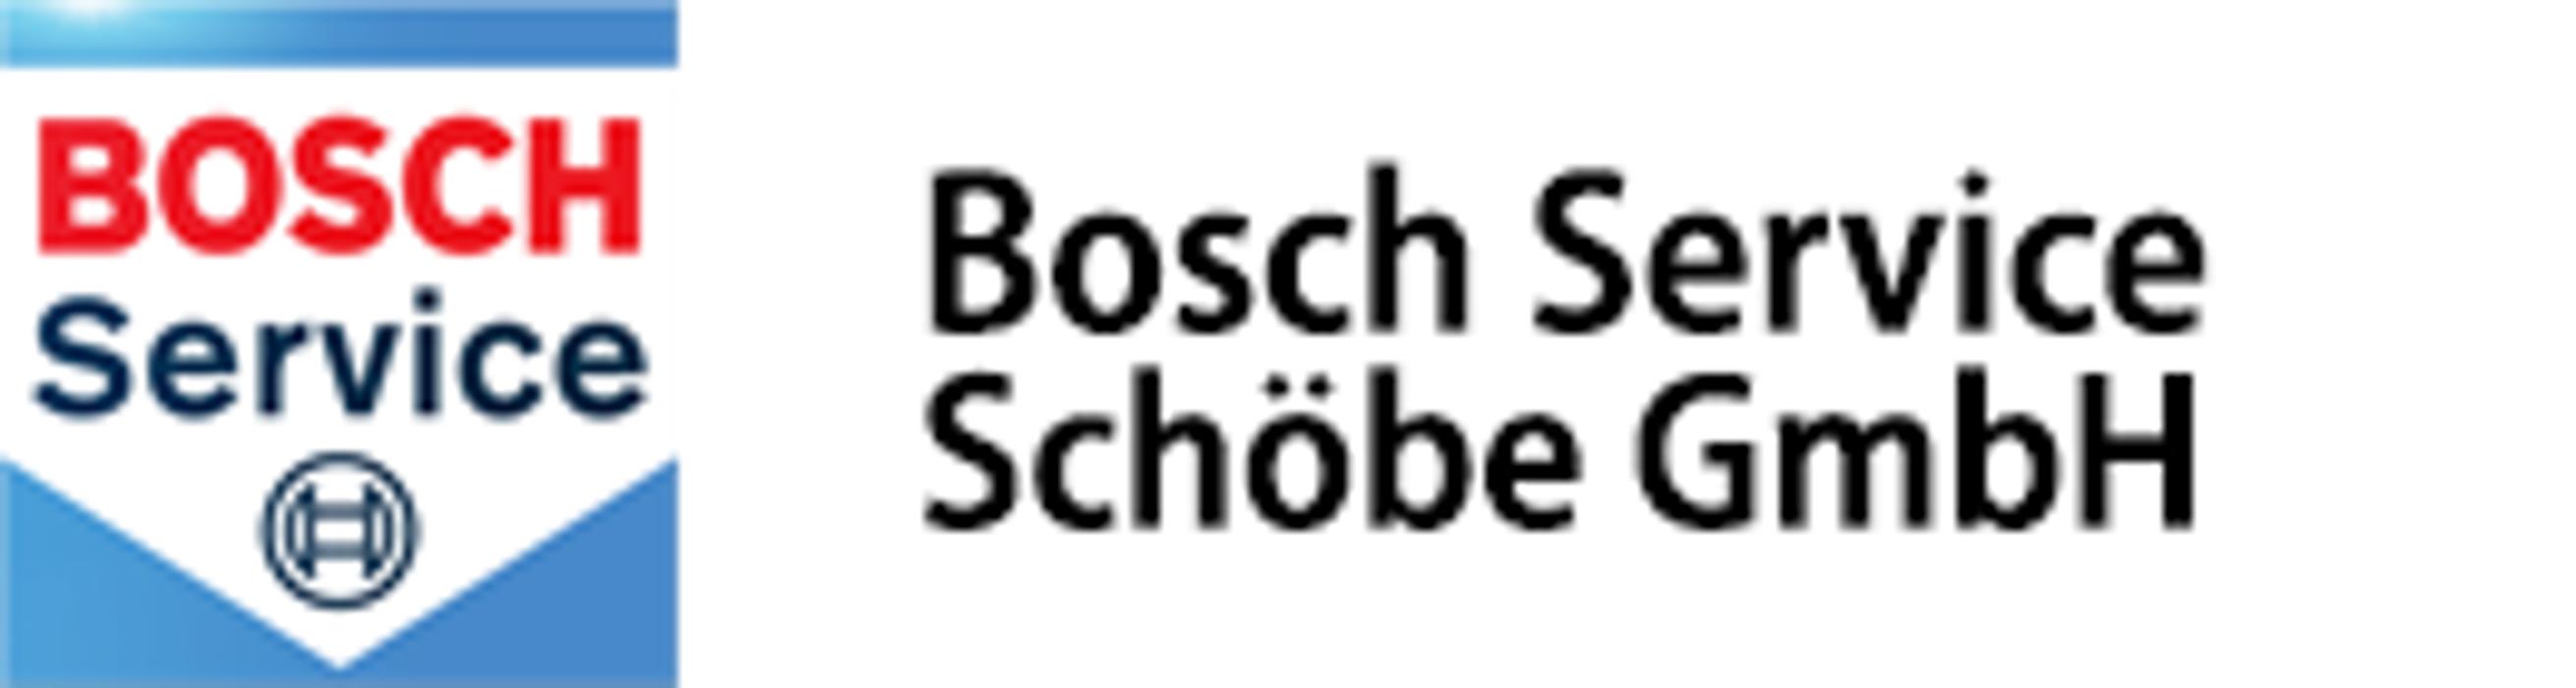 Bosch Service Schöbe GmbH